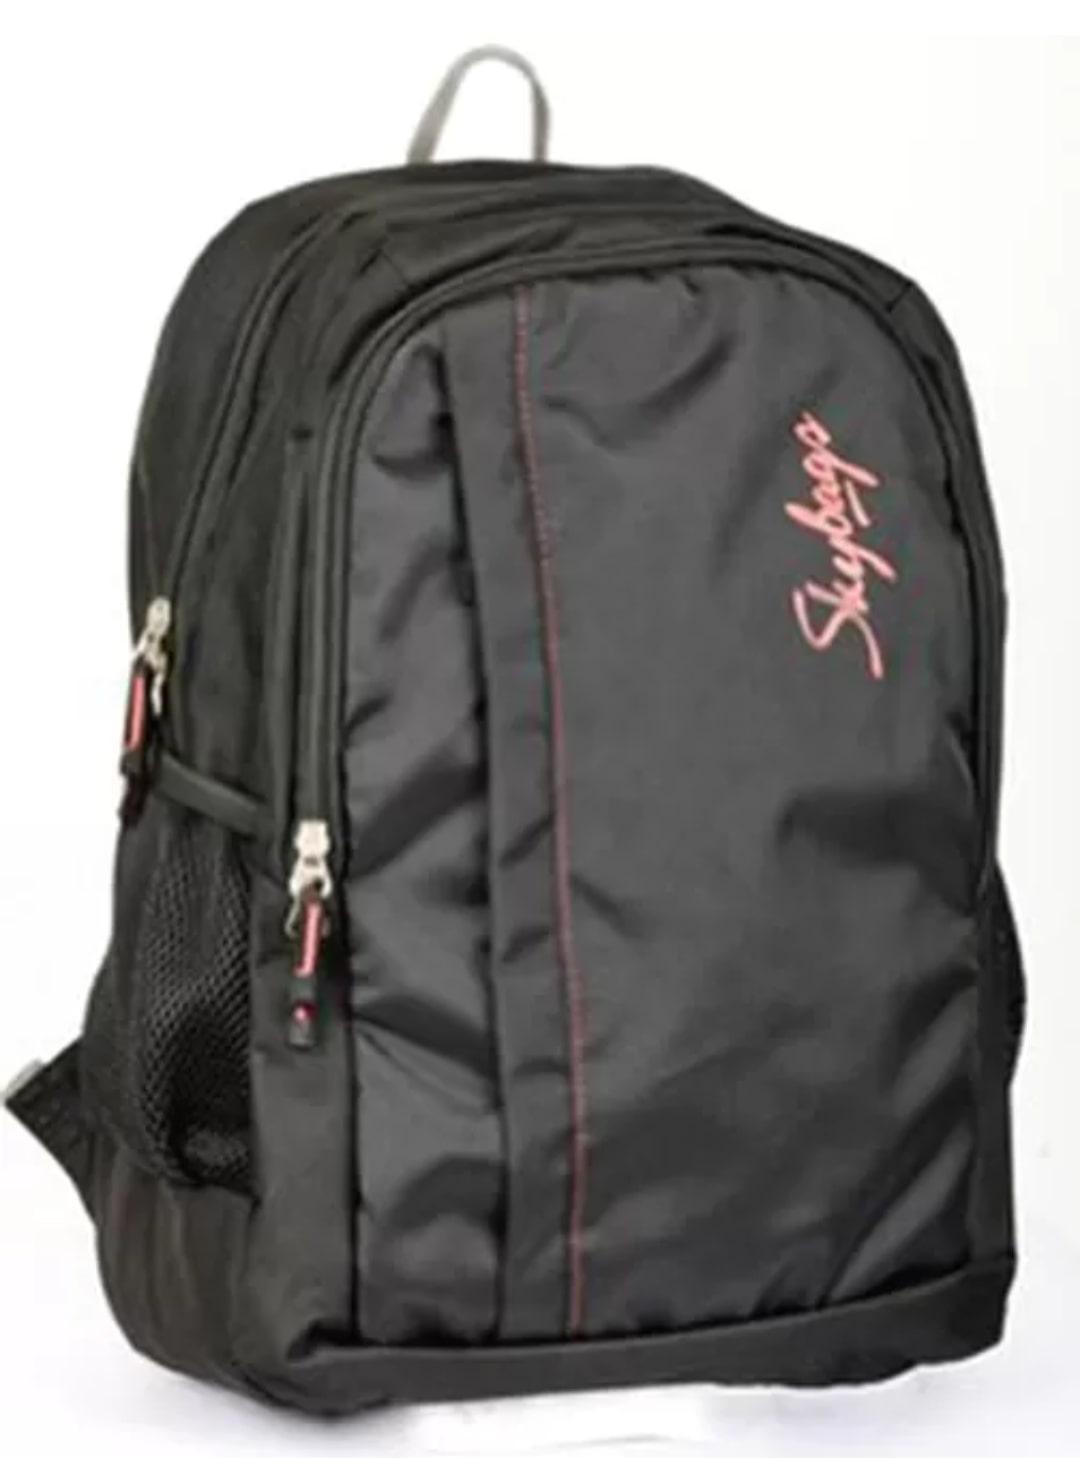 Skybags Spade Waterproof Laptop Backpack